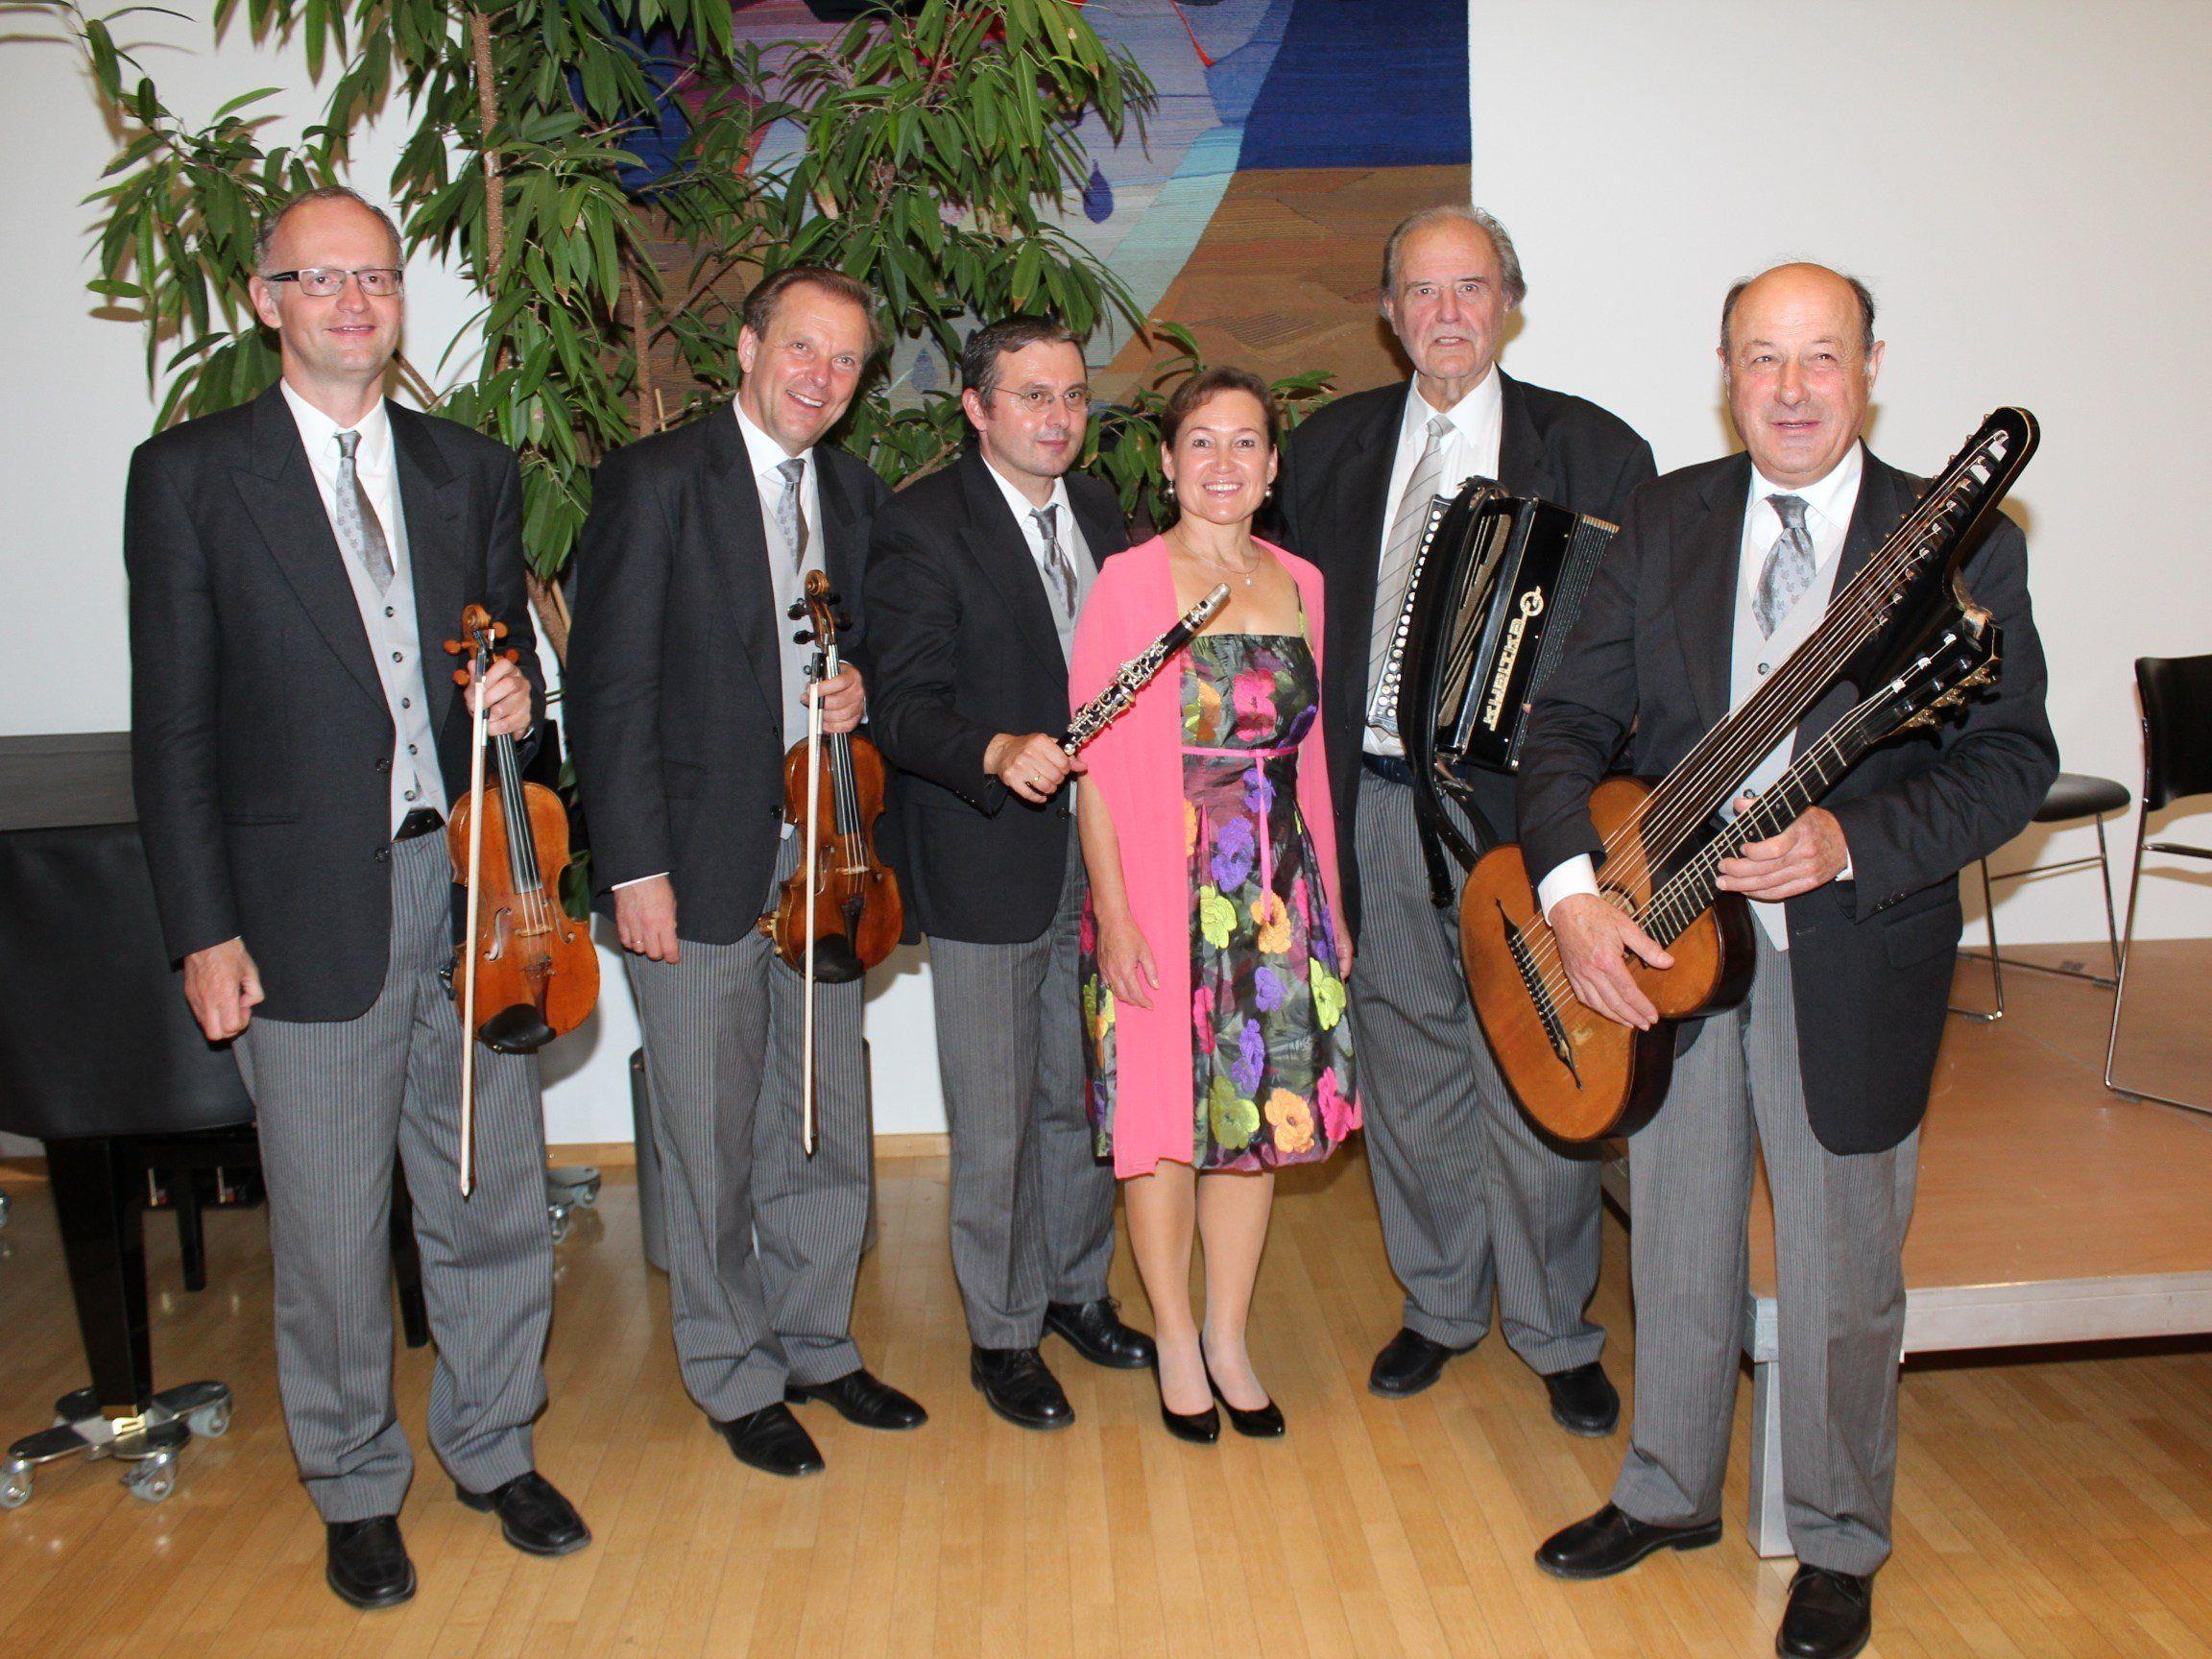 Birgit Plankel und das Symphonische Schrammelquintett Wien laden zum Konzert ein.